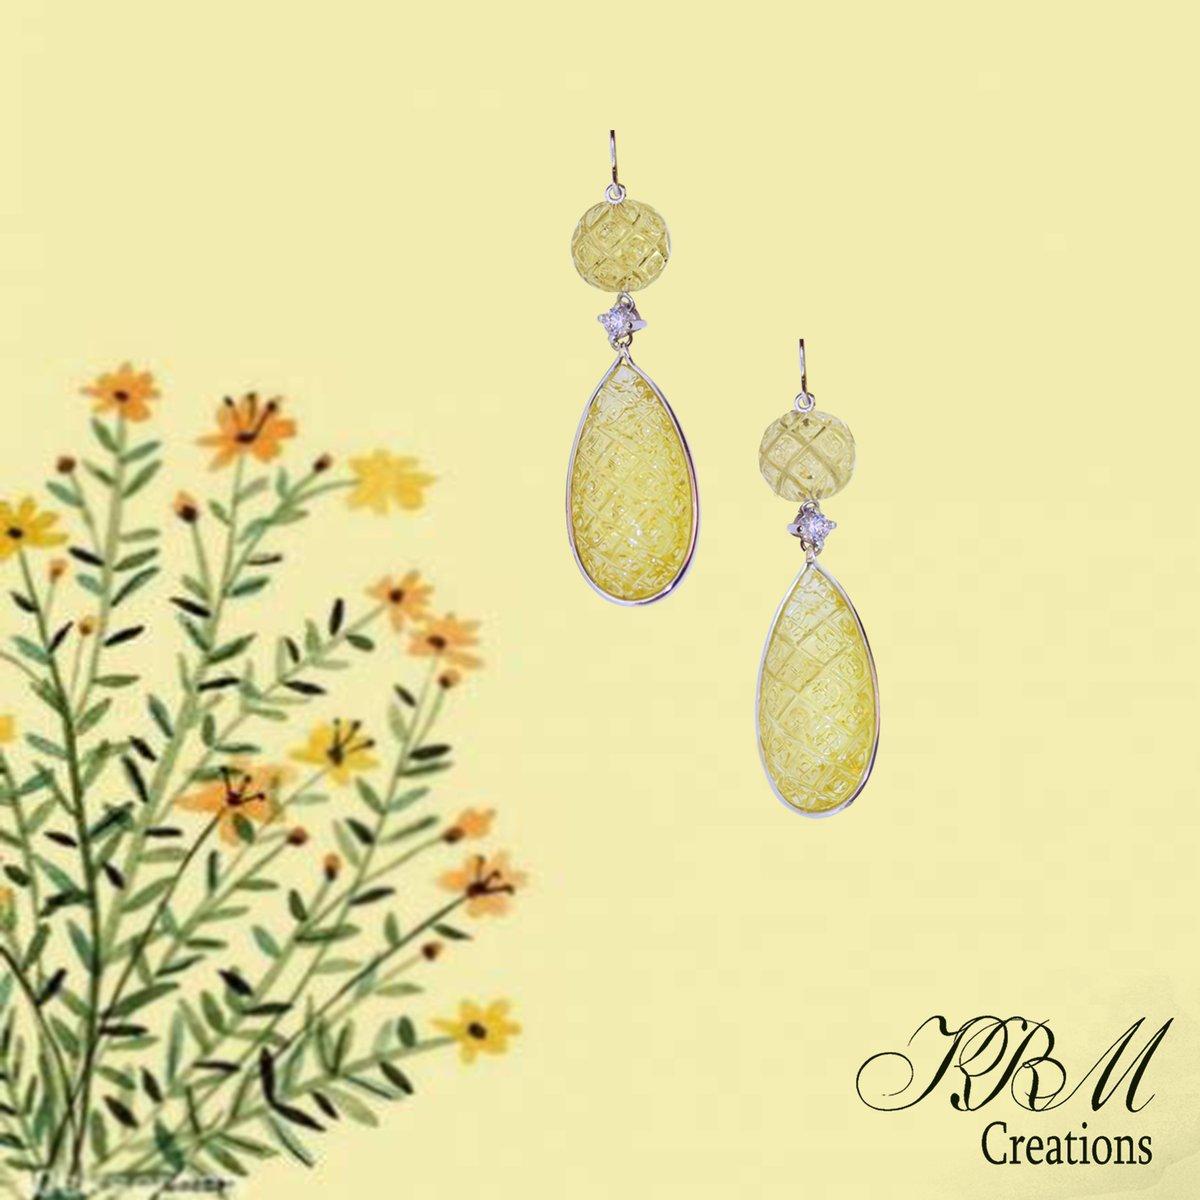 #lemonquartz #whitetopaz #sterlinsilver #danglers #earrings #silverearpiece #artpiece